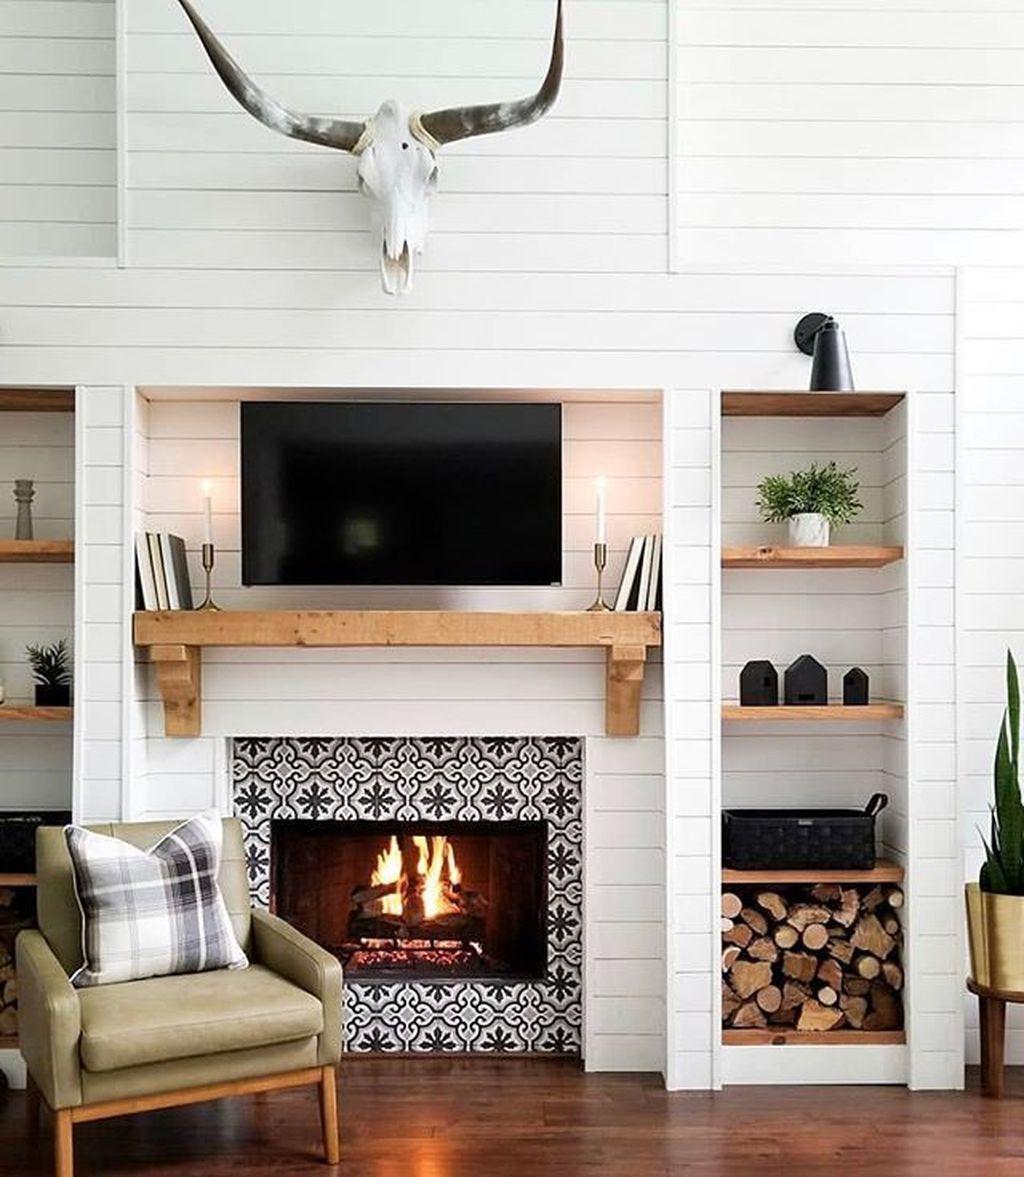 32 Popular Modern Farmhouse Fireplace Ideas Trend 2020 In 2020